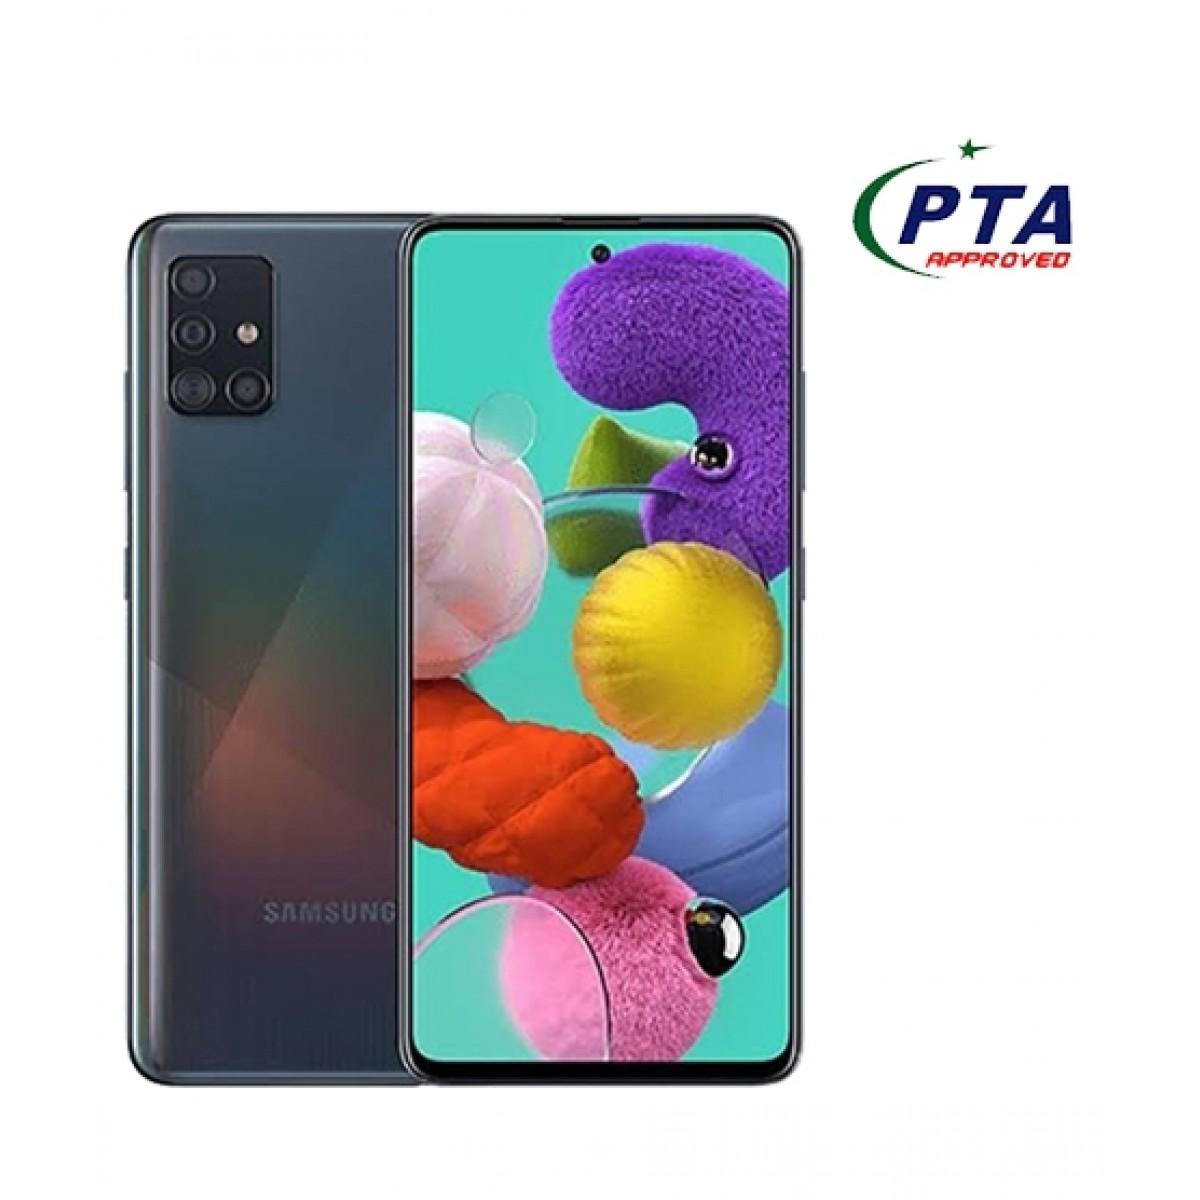 Samsung Galaxy A51 128GB 6GB RAM Dual Sim Black - Official Warranty